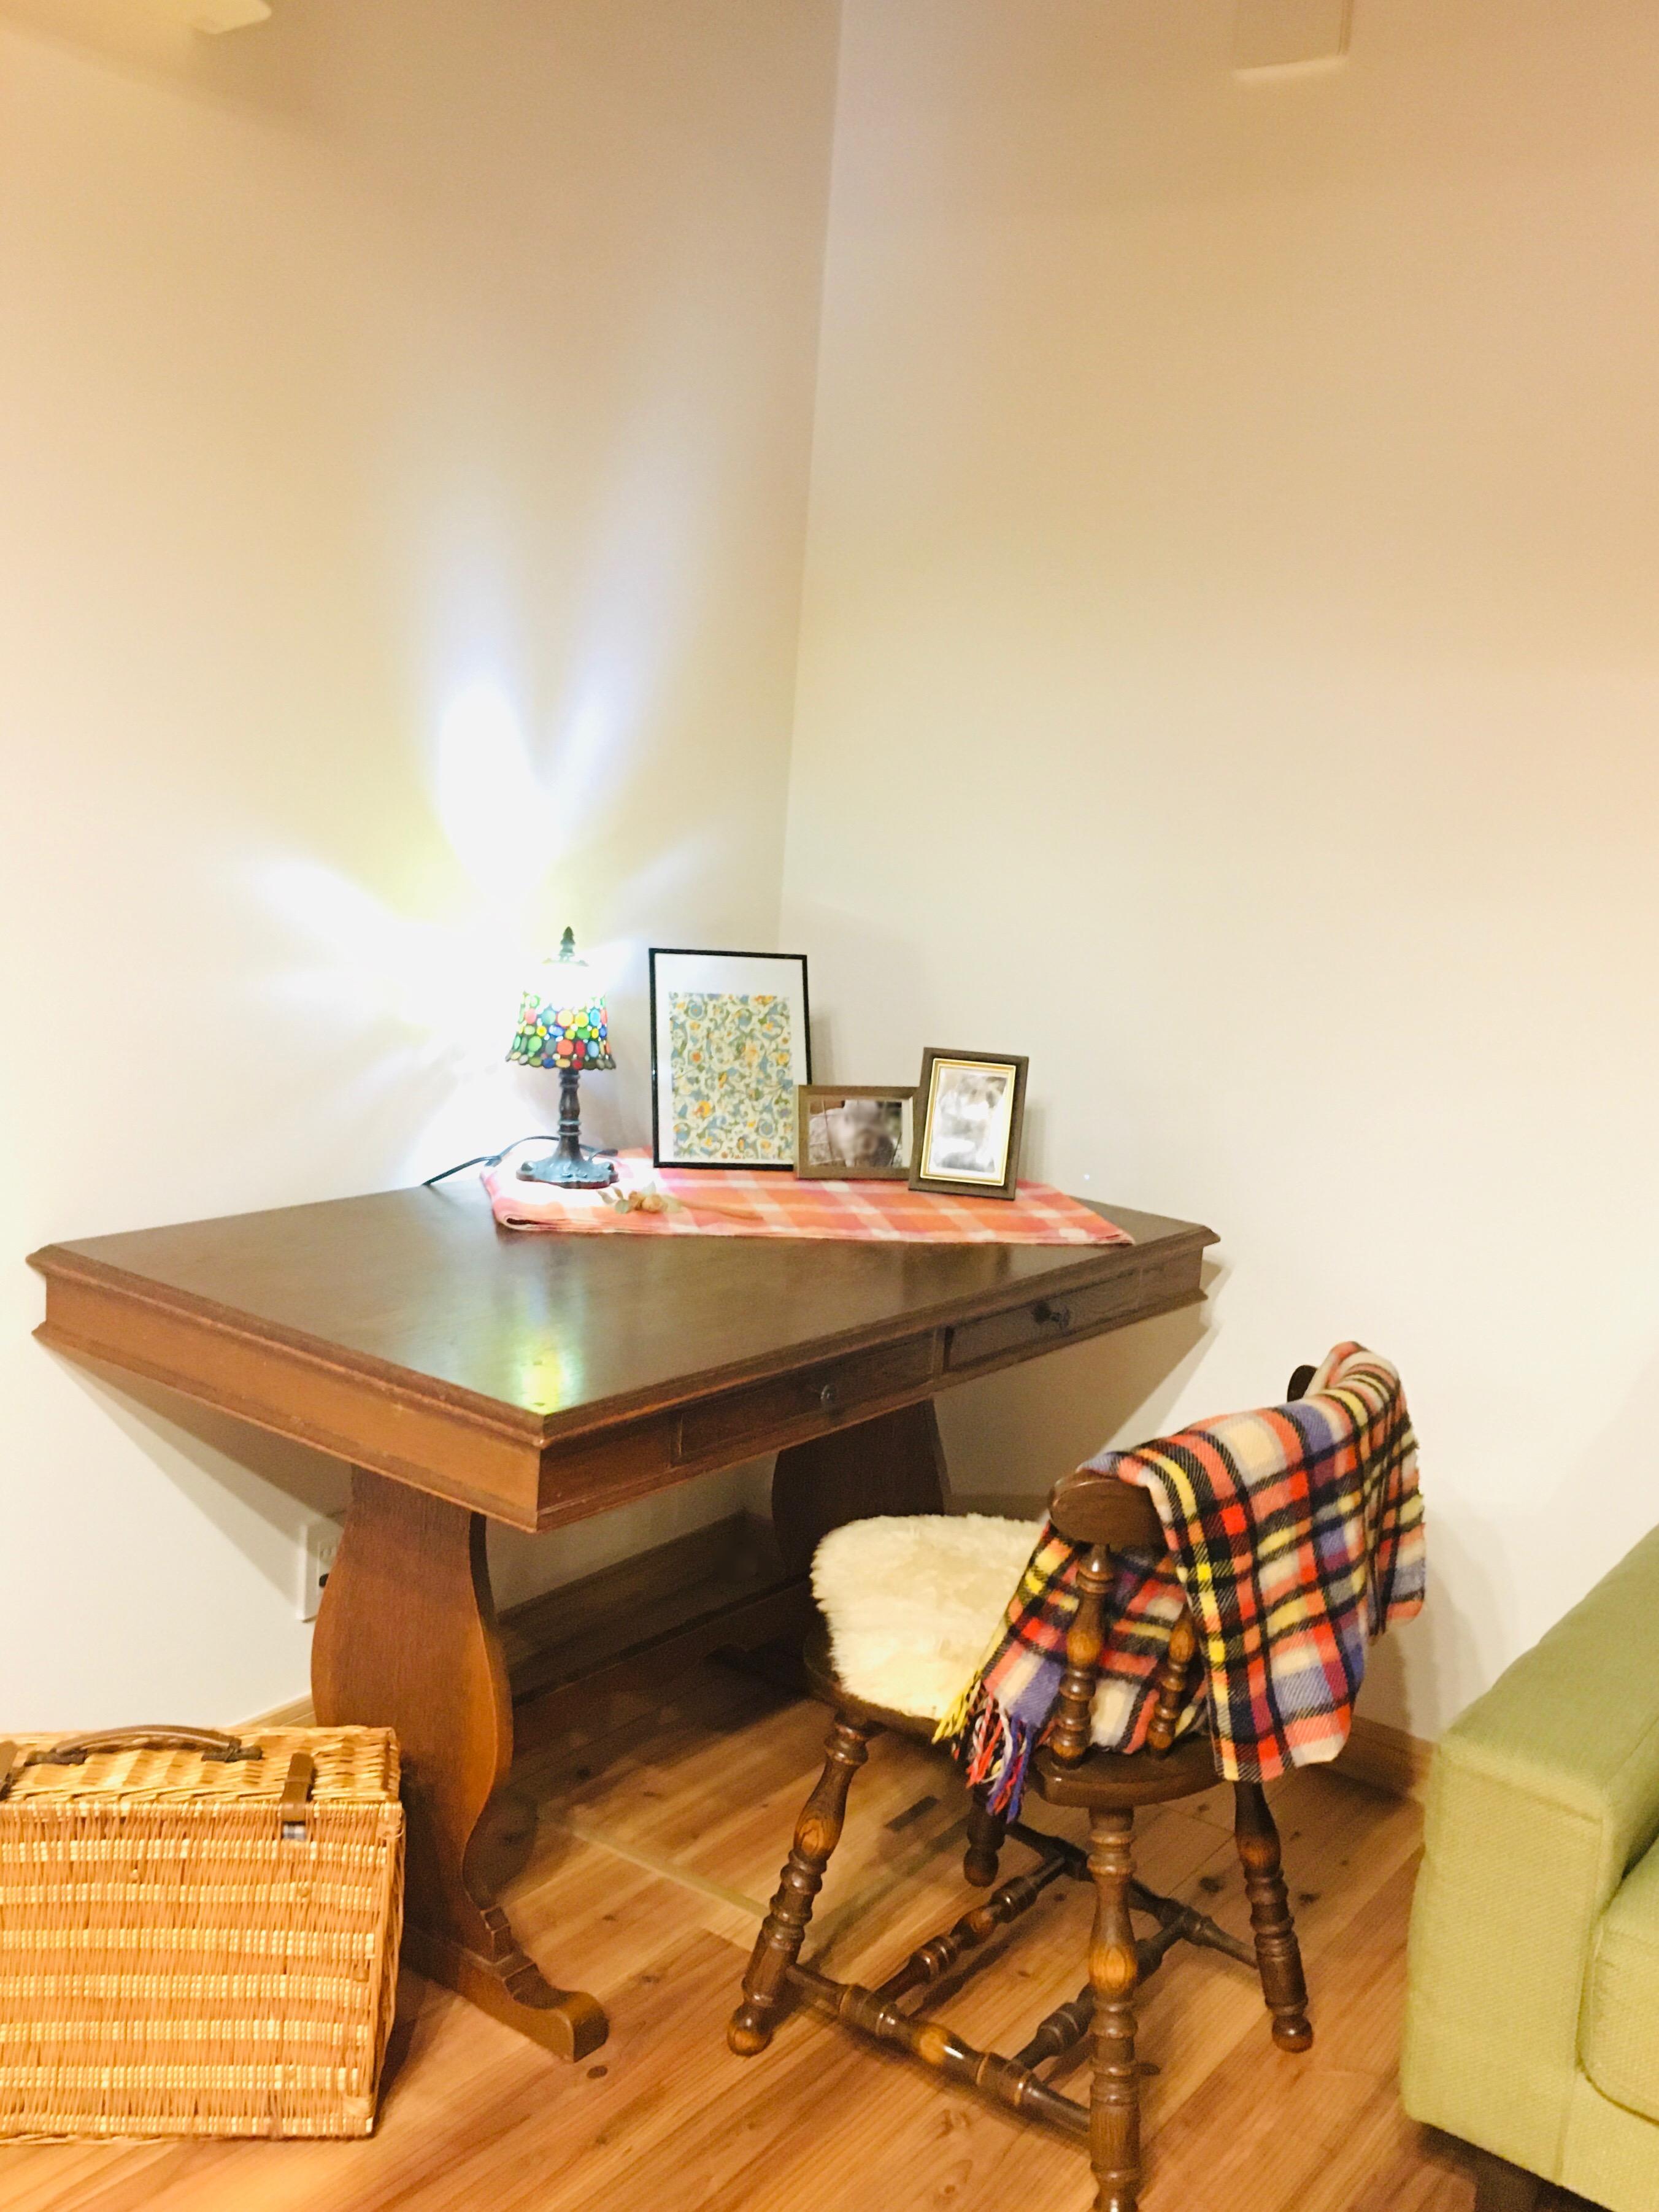 勉強、書き物作業等にお使いいただける机とイスがあります。 - 小坪ピアノ室 ピアノ室・サロン(4名様まで)の室内の写真